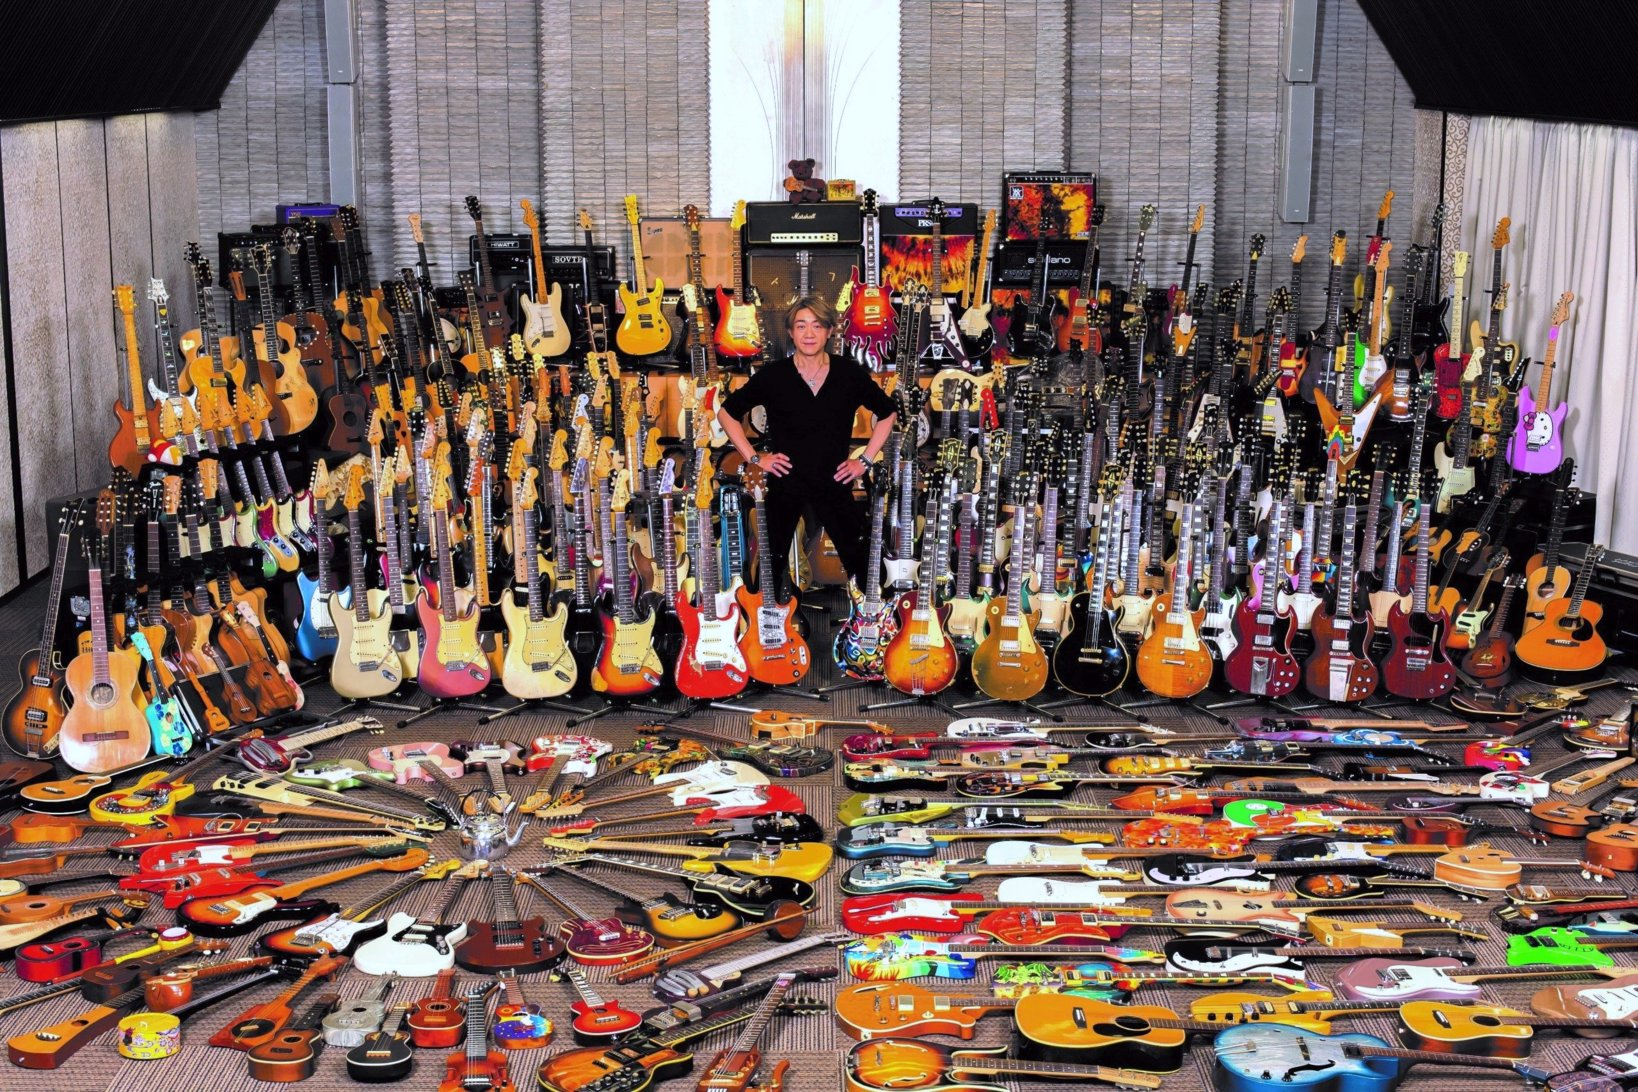 写真集のカバーにもなった迫力満点の一枚。ここに写っている膨大なギターのうち、約100本のギターは、ほかの所有者のもとへ。(撮影:植田山月、提供:リットーミュージック)